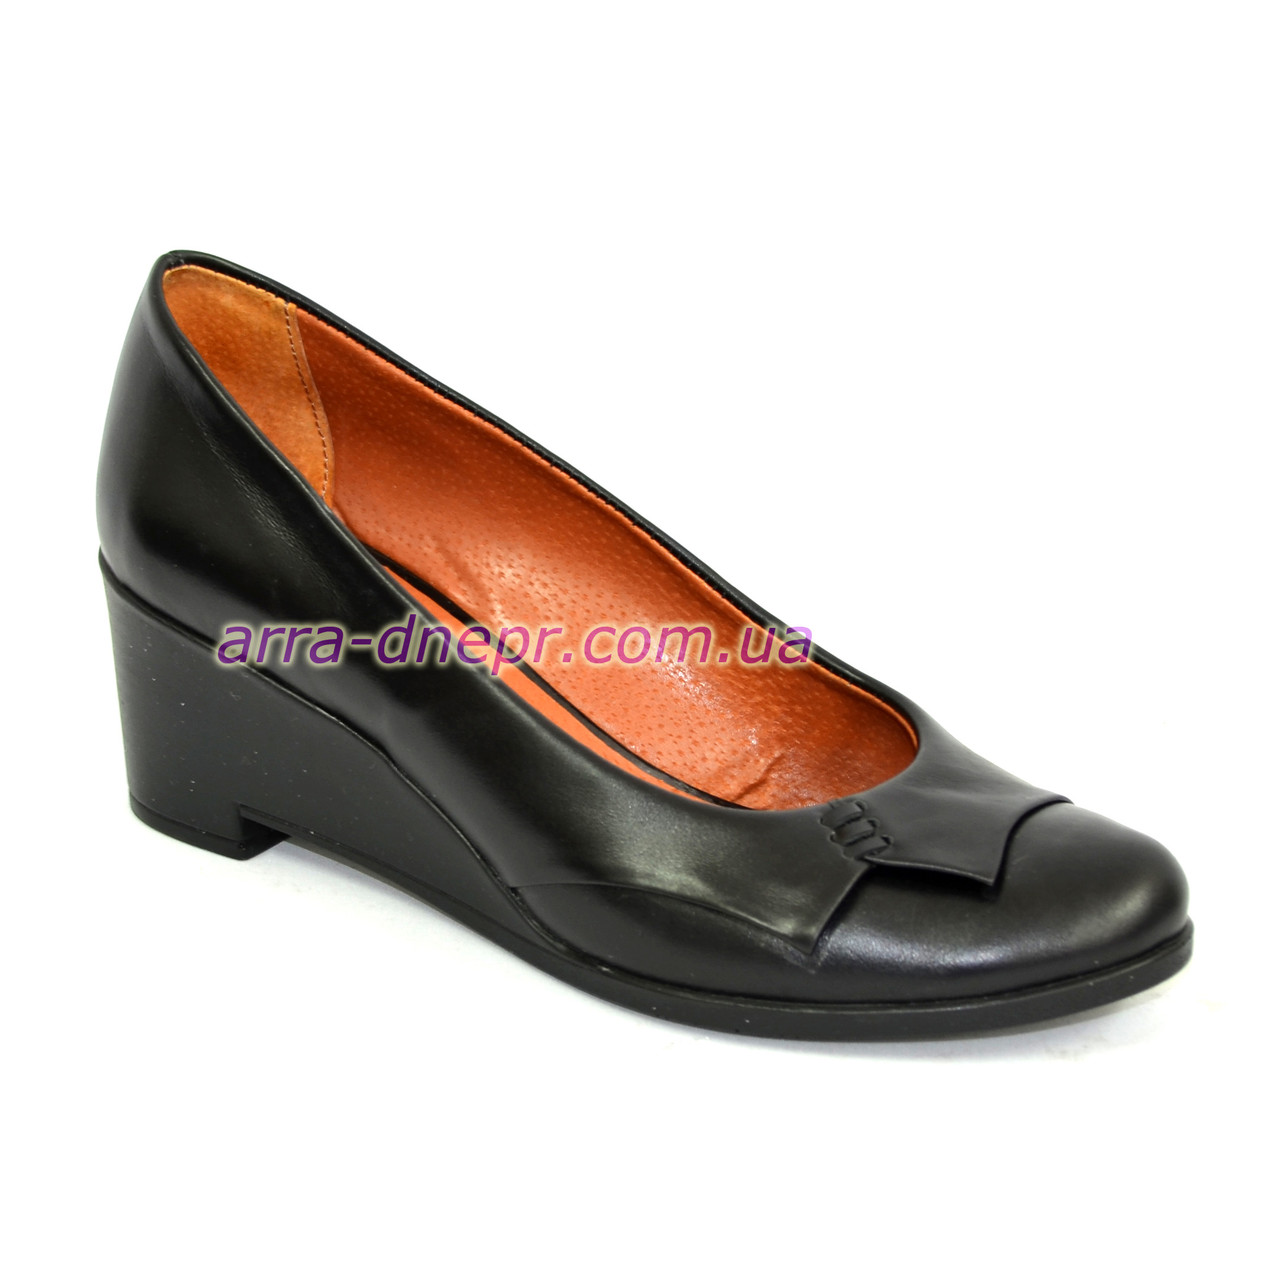 Кожаные женские туфли на невысокой танкетке